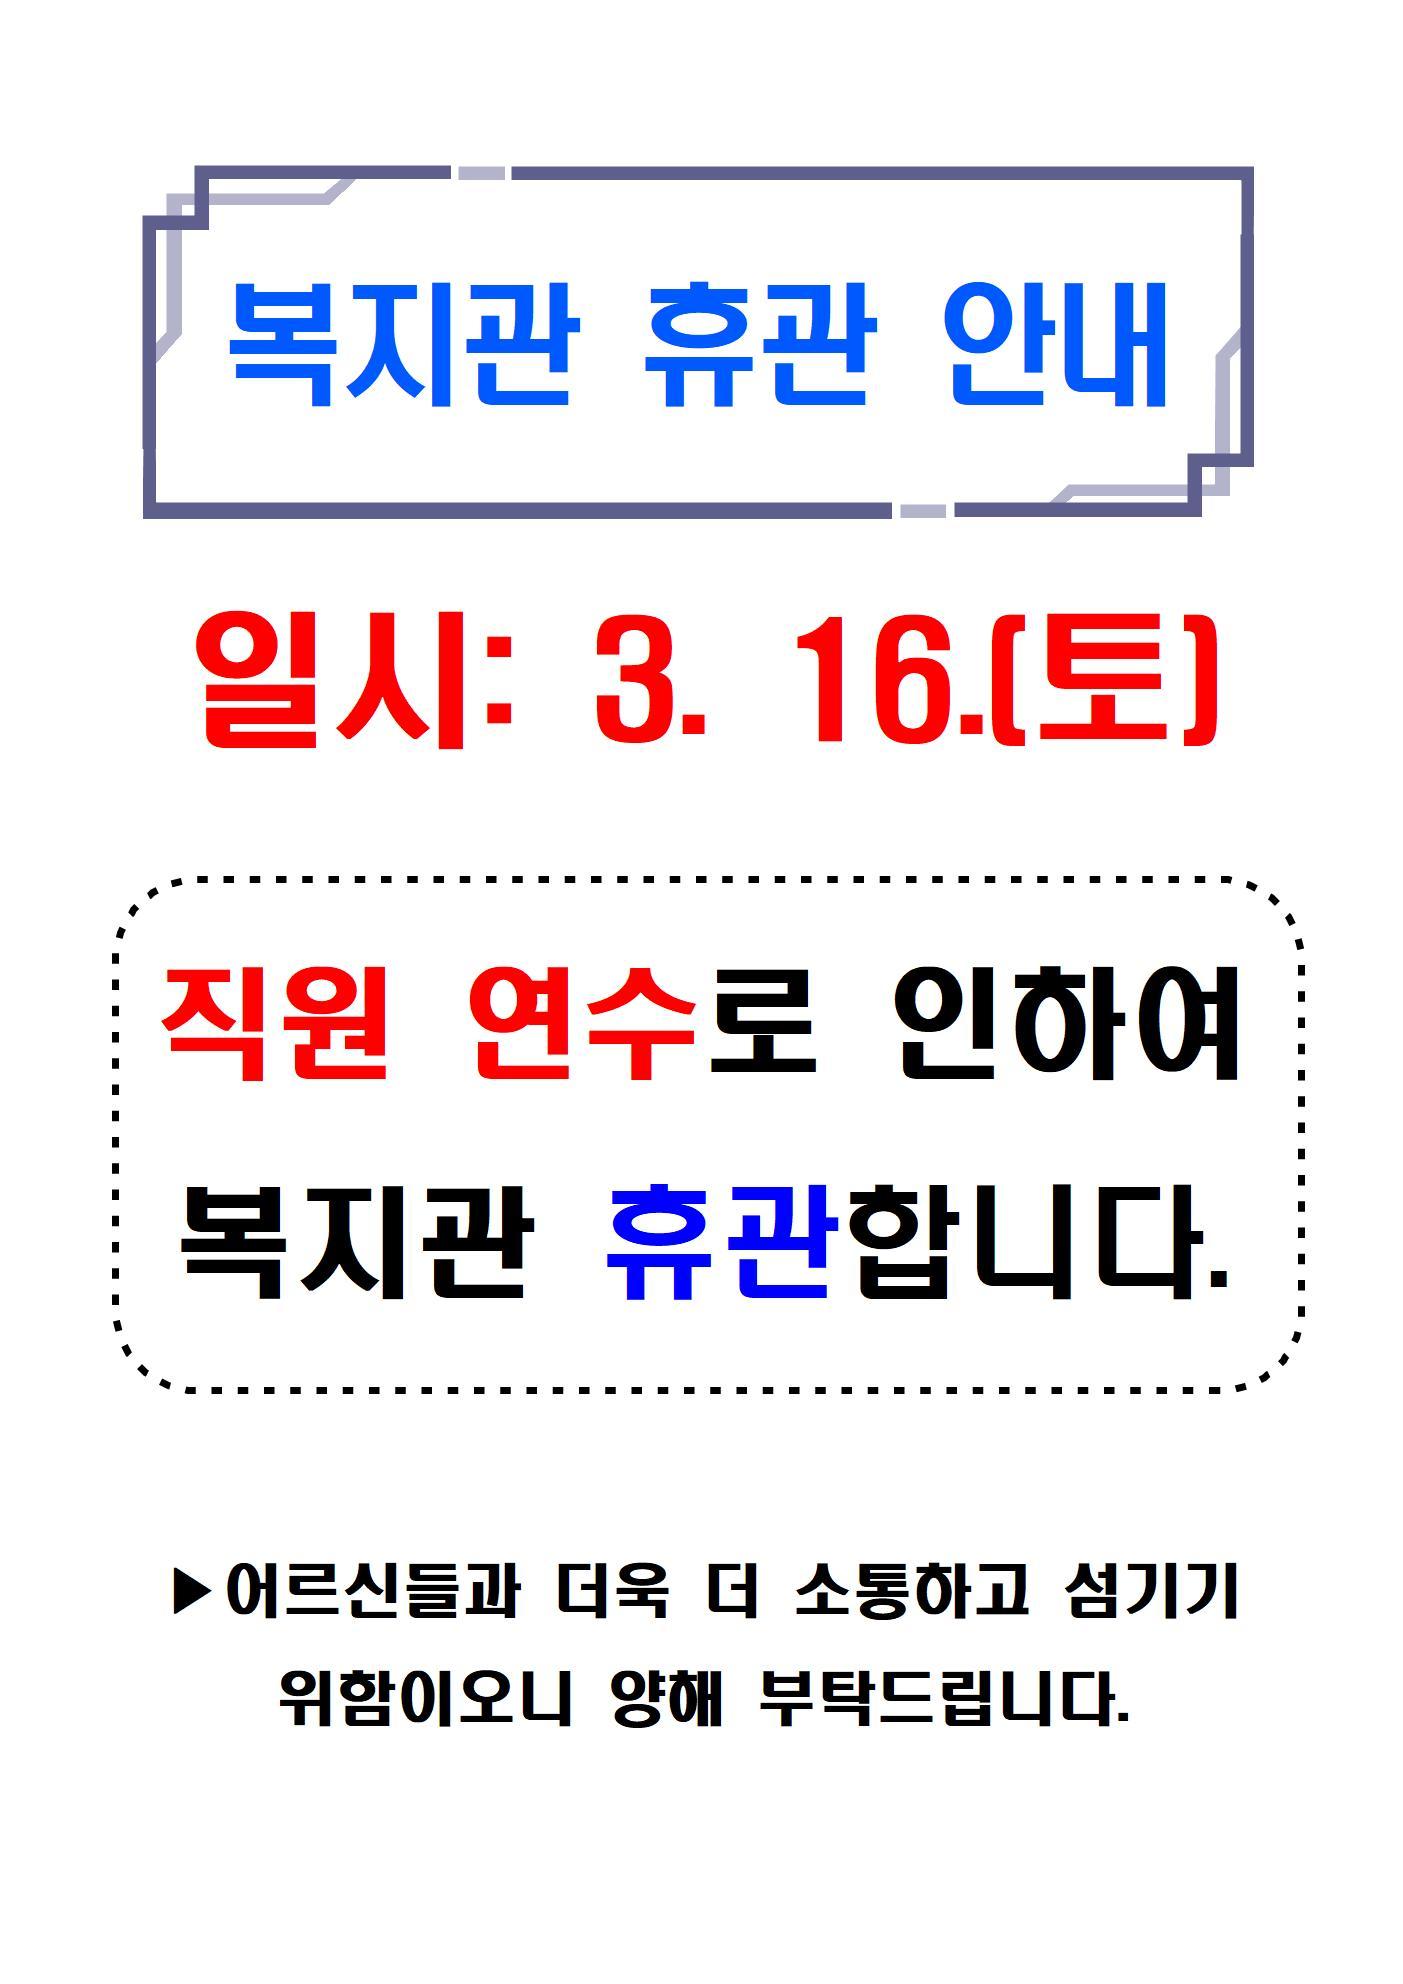 1.복지관 휴관 안내-3001.jpg